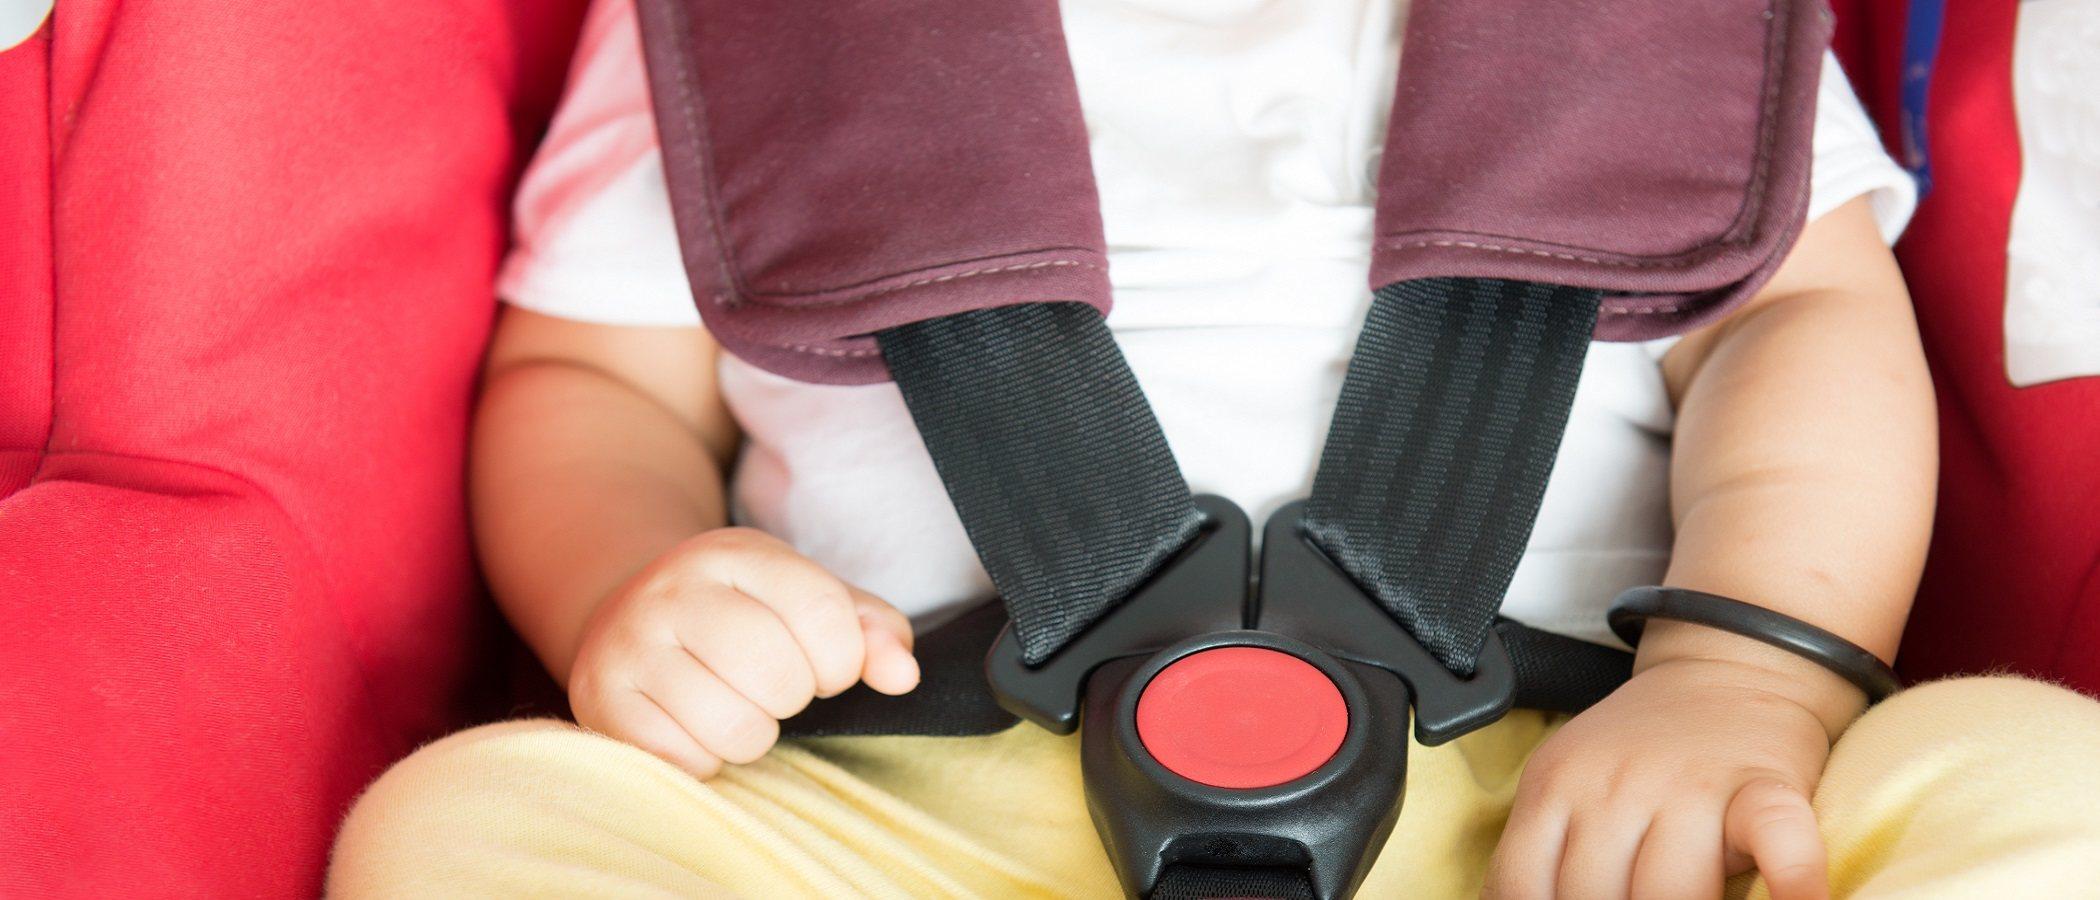 Por qué es importante llevar a los niños a contramarcha en el coche